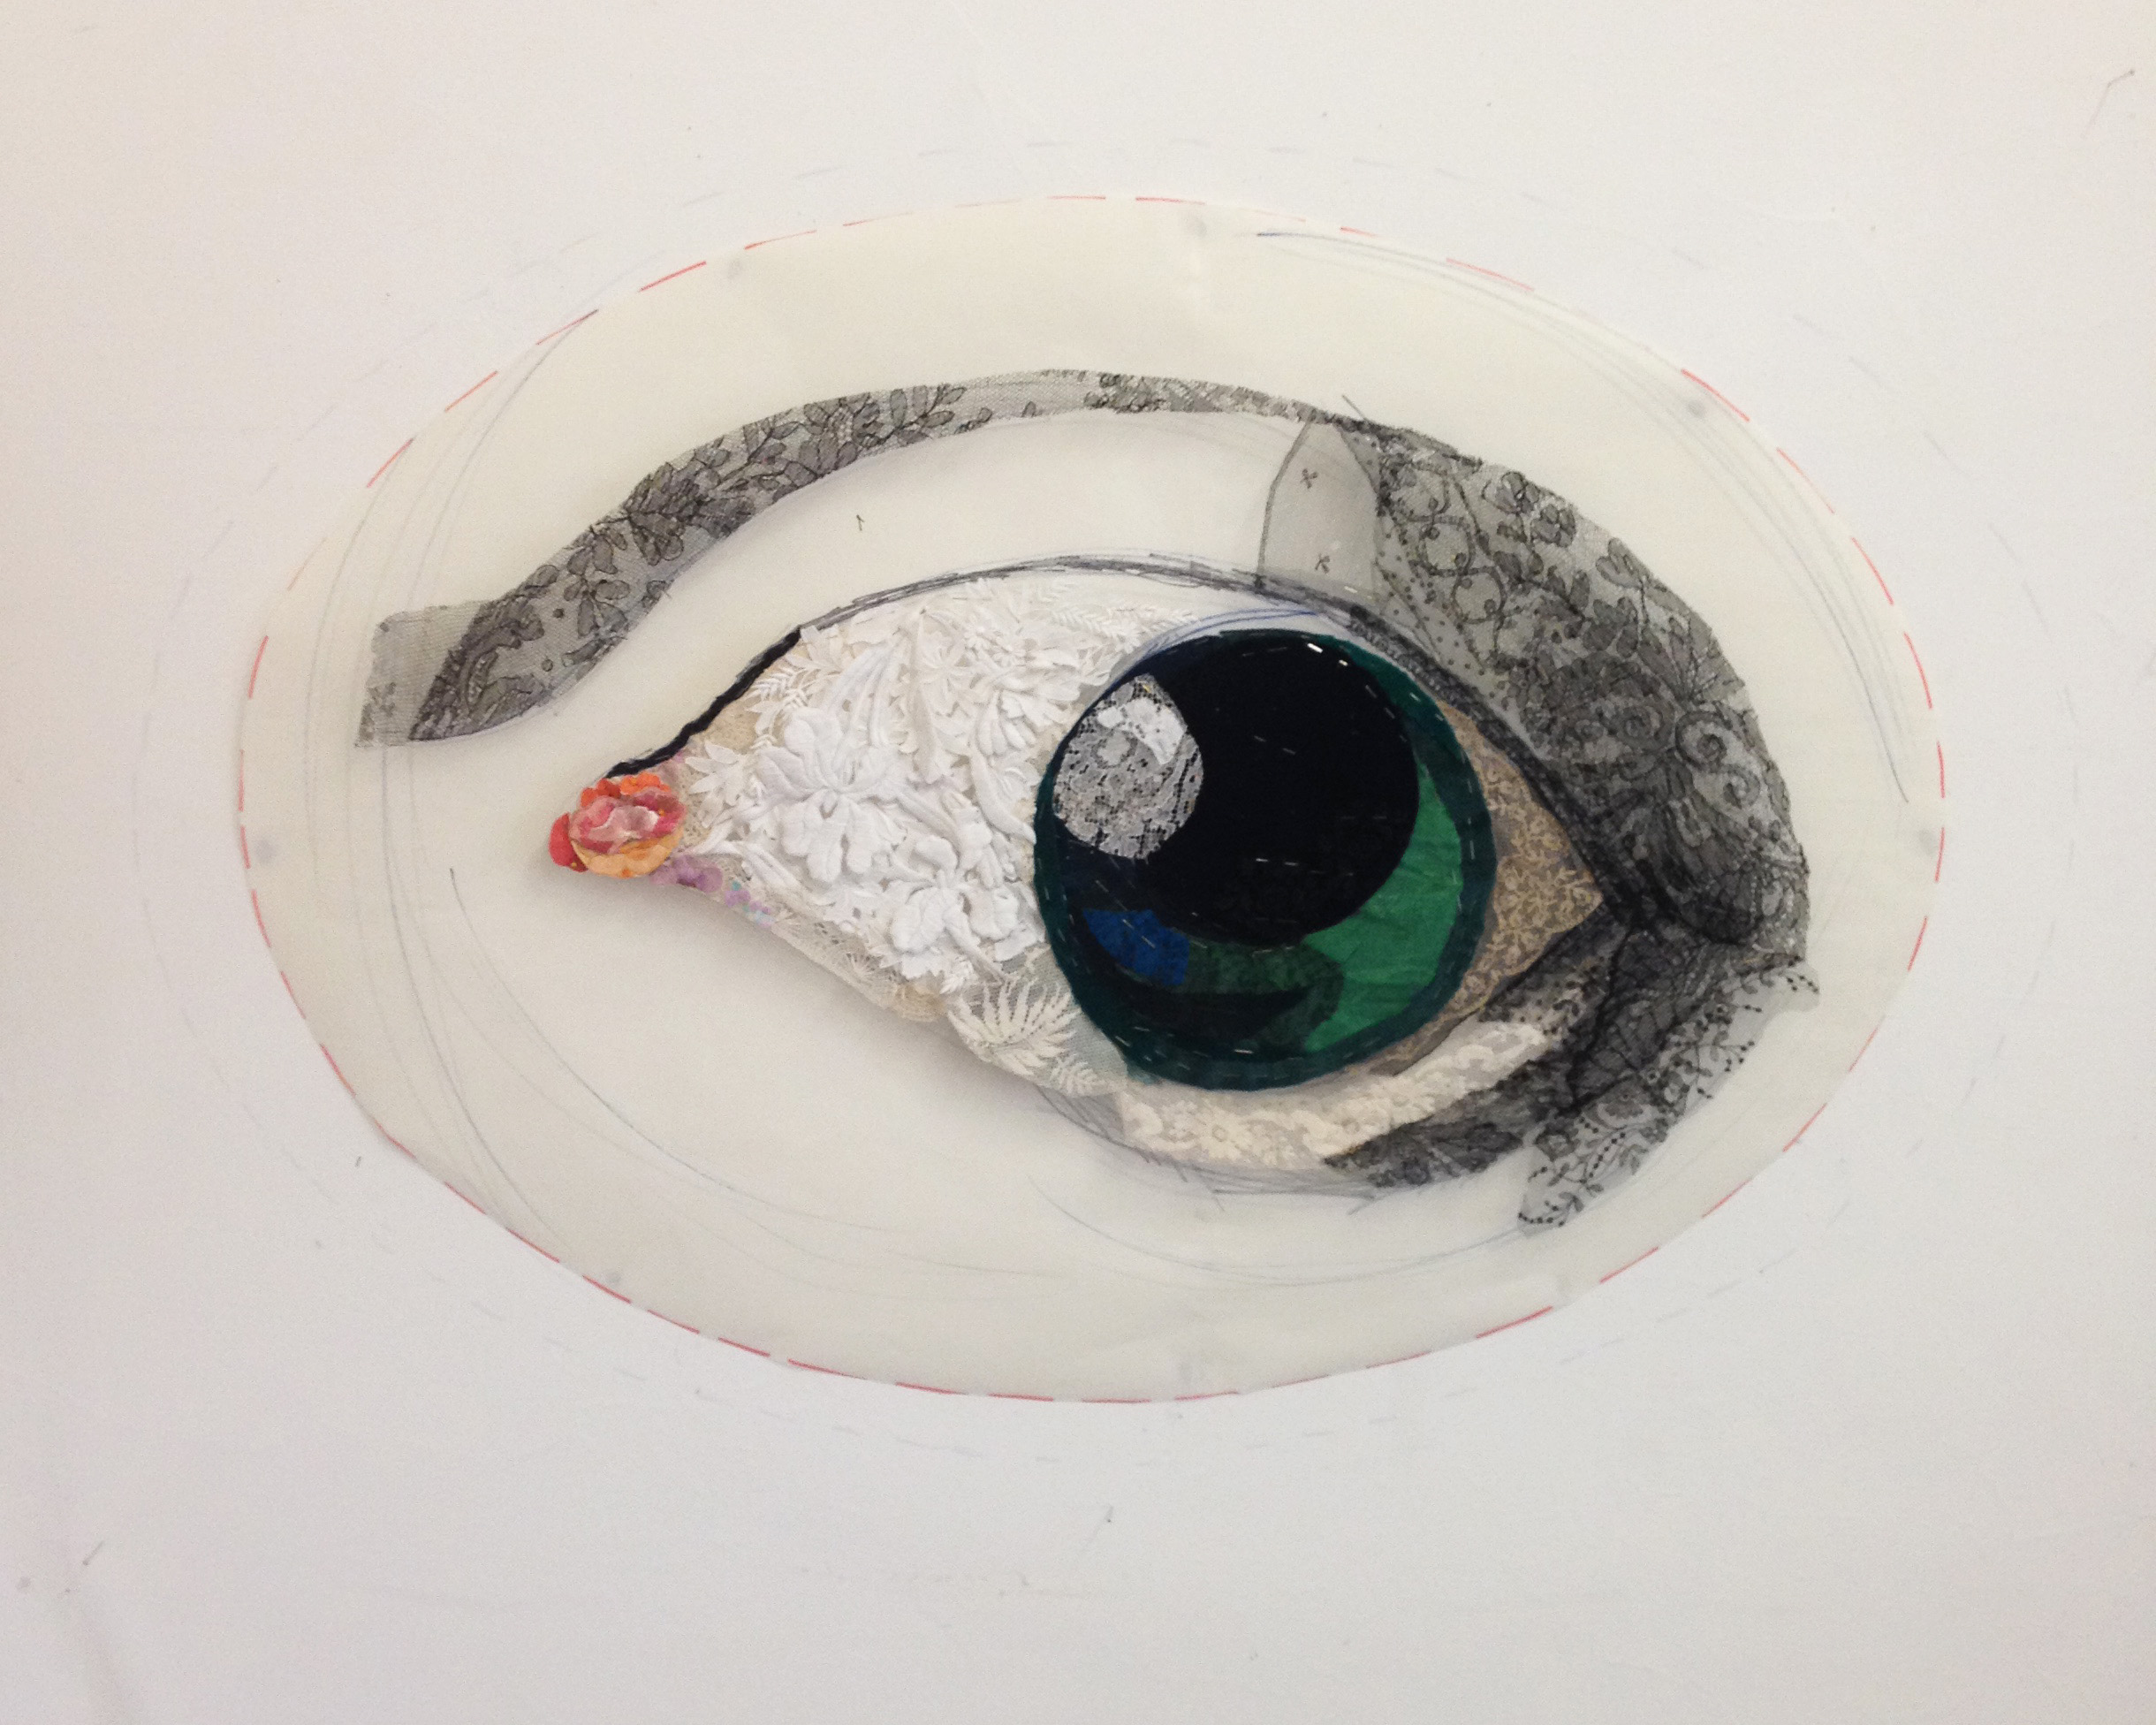 Lover's Eye #1 2016 after Vermeer - in progress